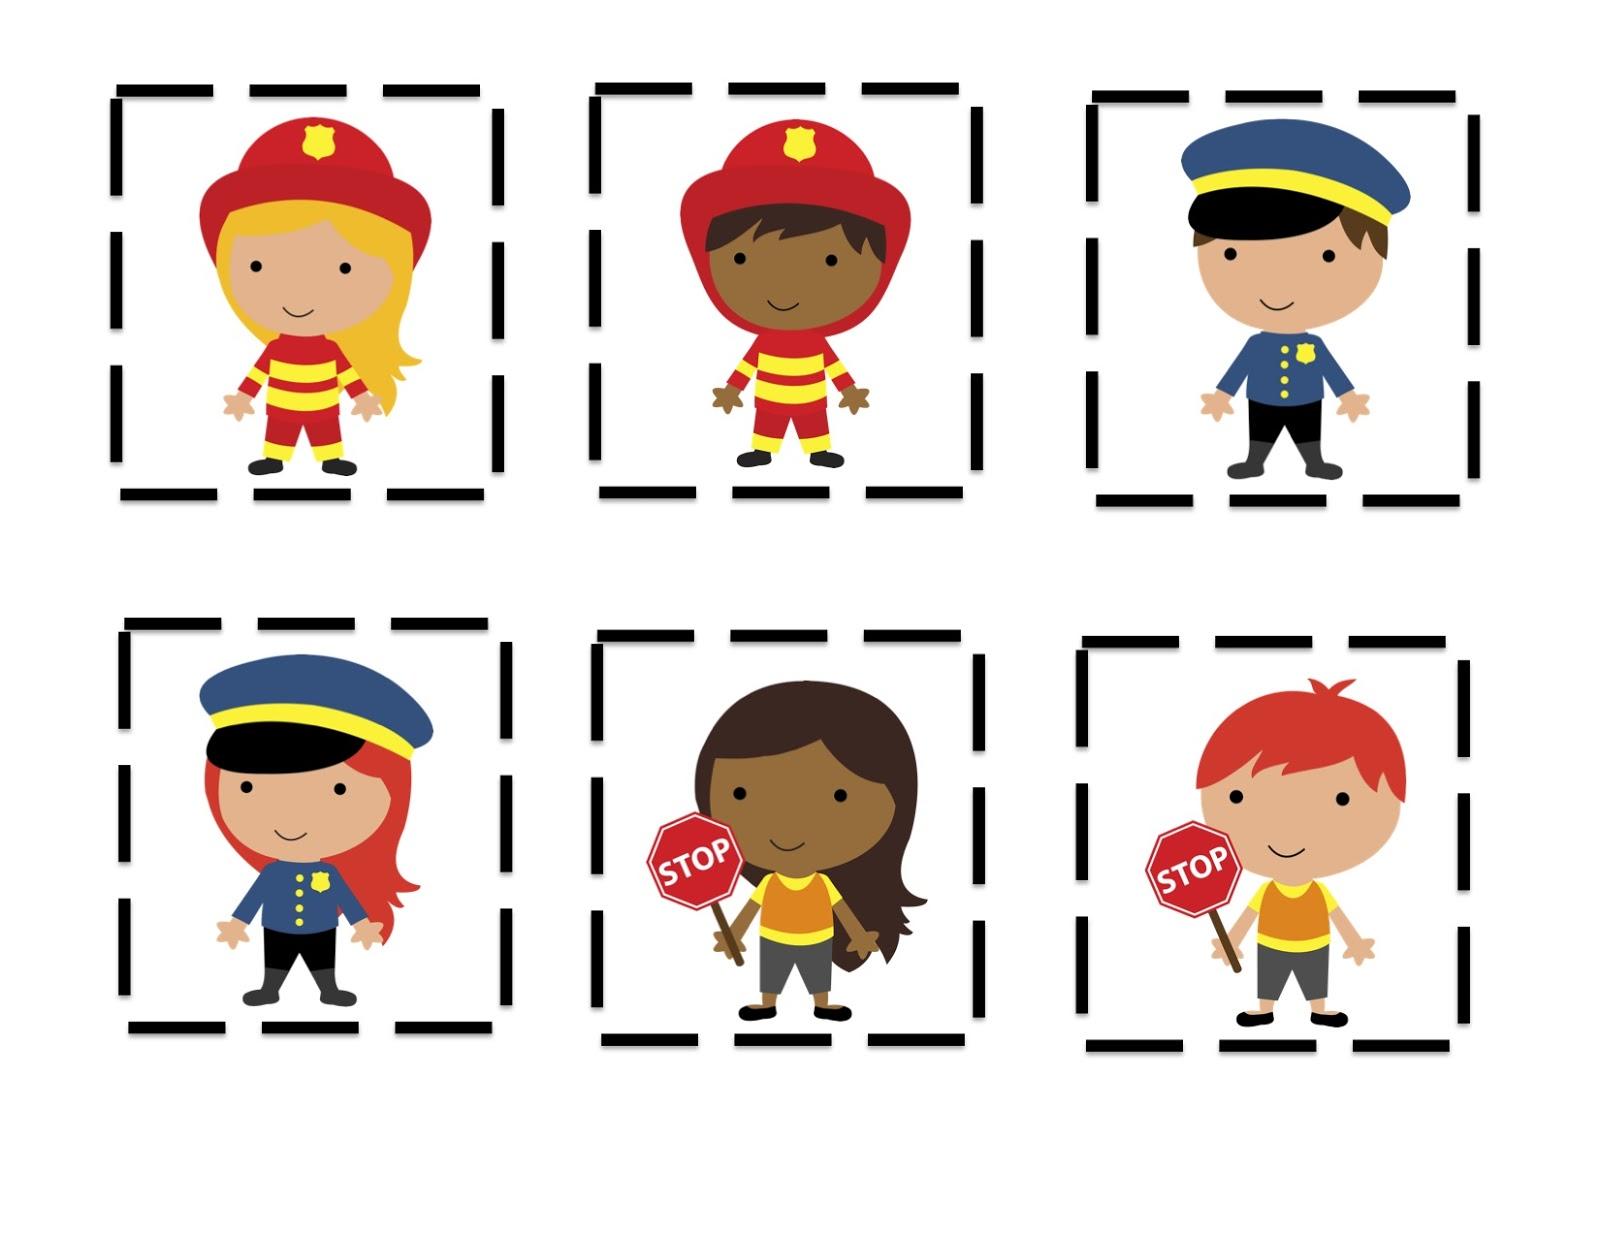 Kindergarten Community Helpers Pictures to Pin on Pinterest